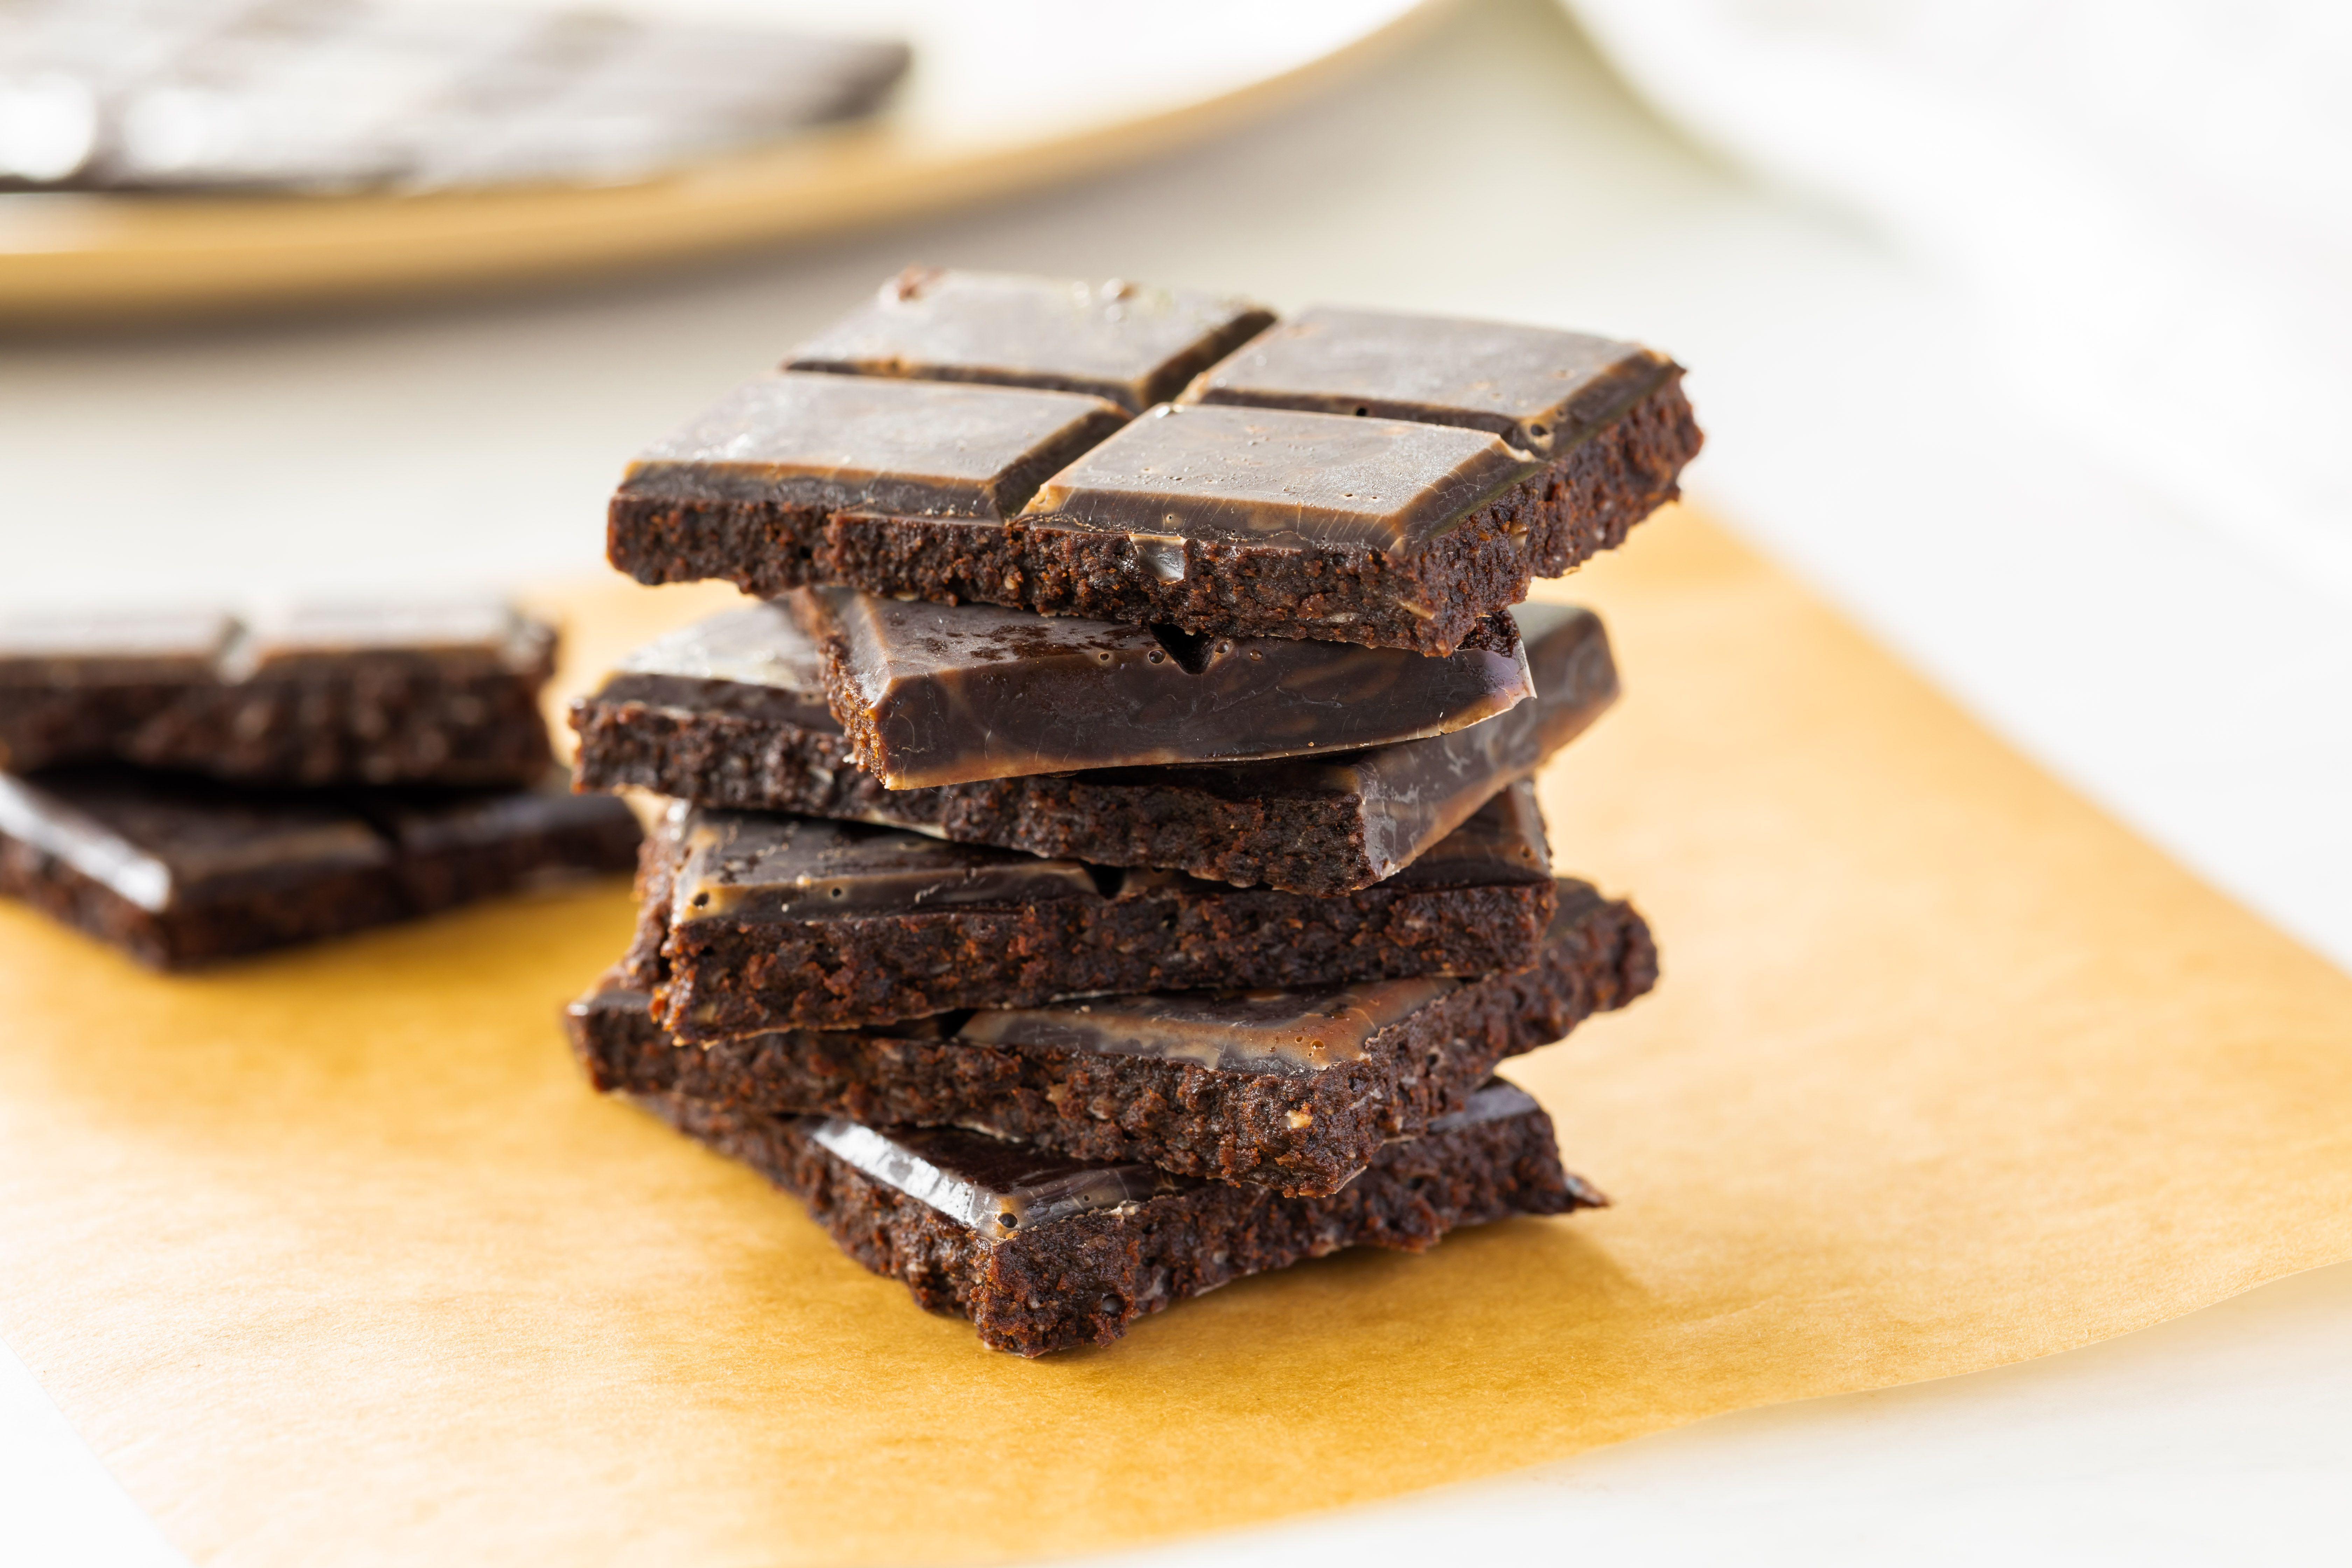 Homemade Raw Vegan Chocolate Recipe